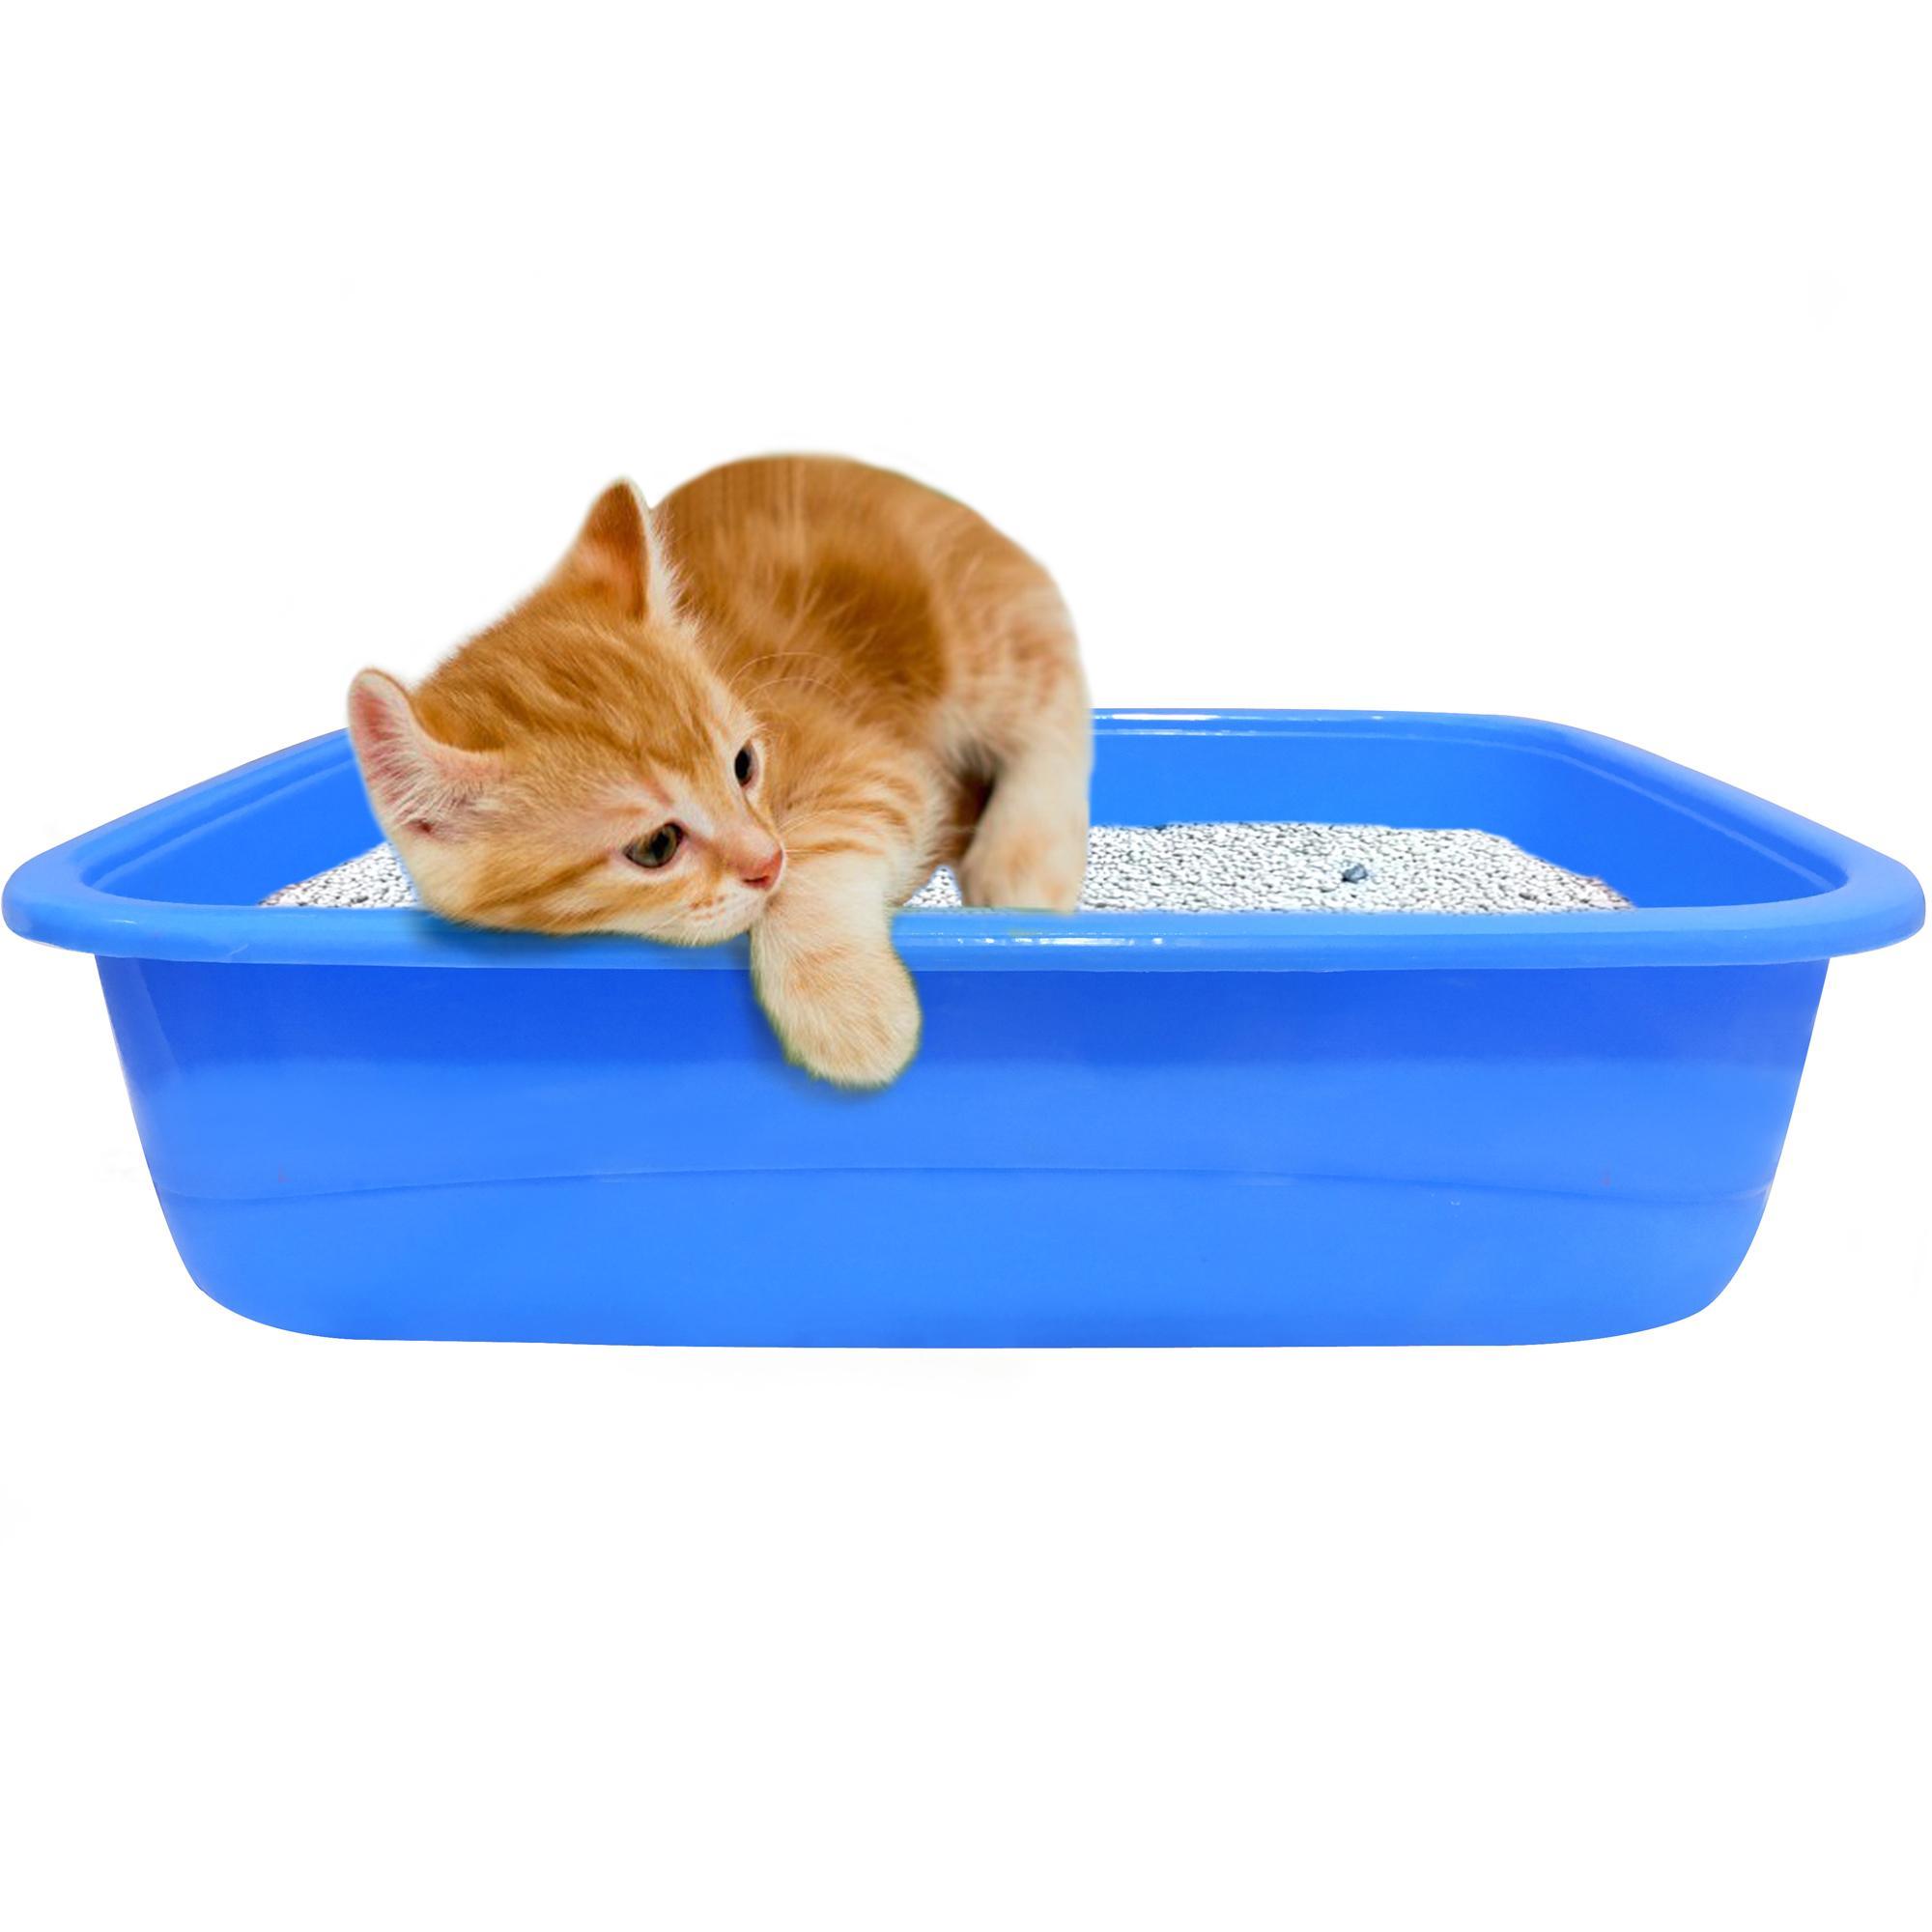 Cats Supplies Online in Pakistan - Daraz pk